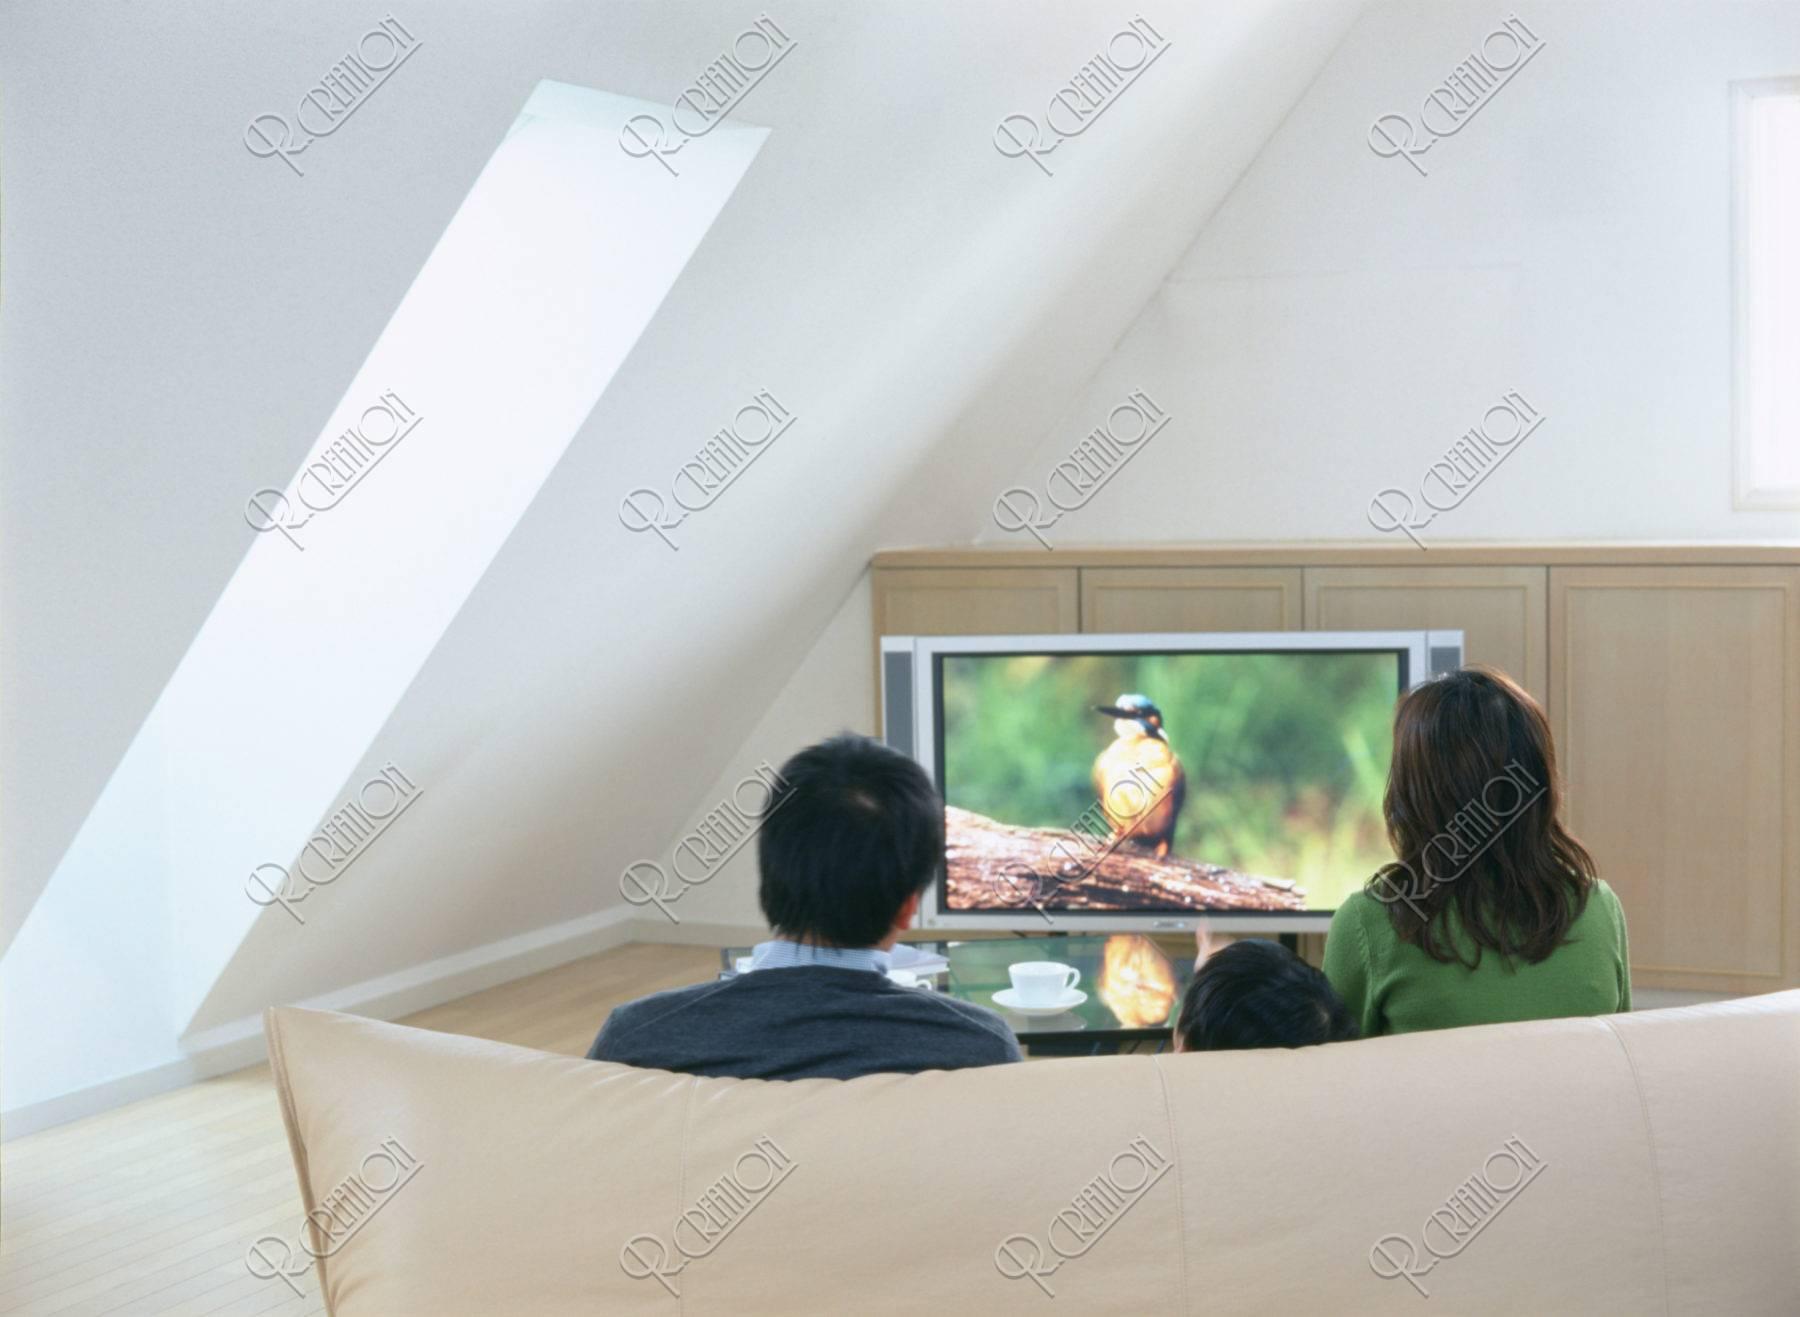 プラズマテレビを見るファミリー